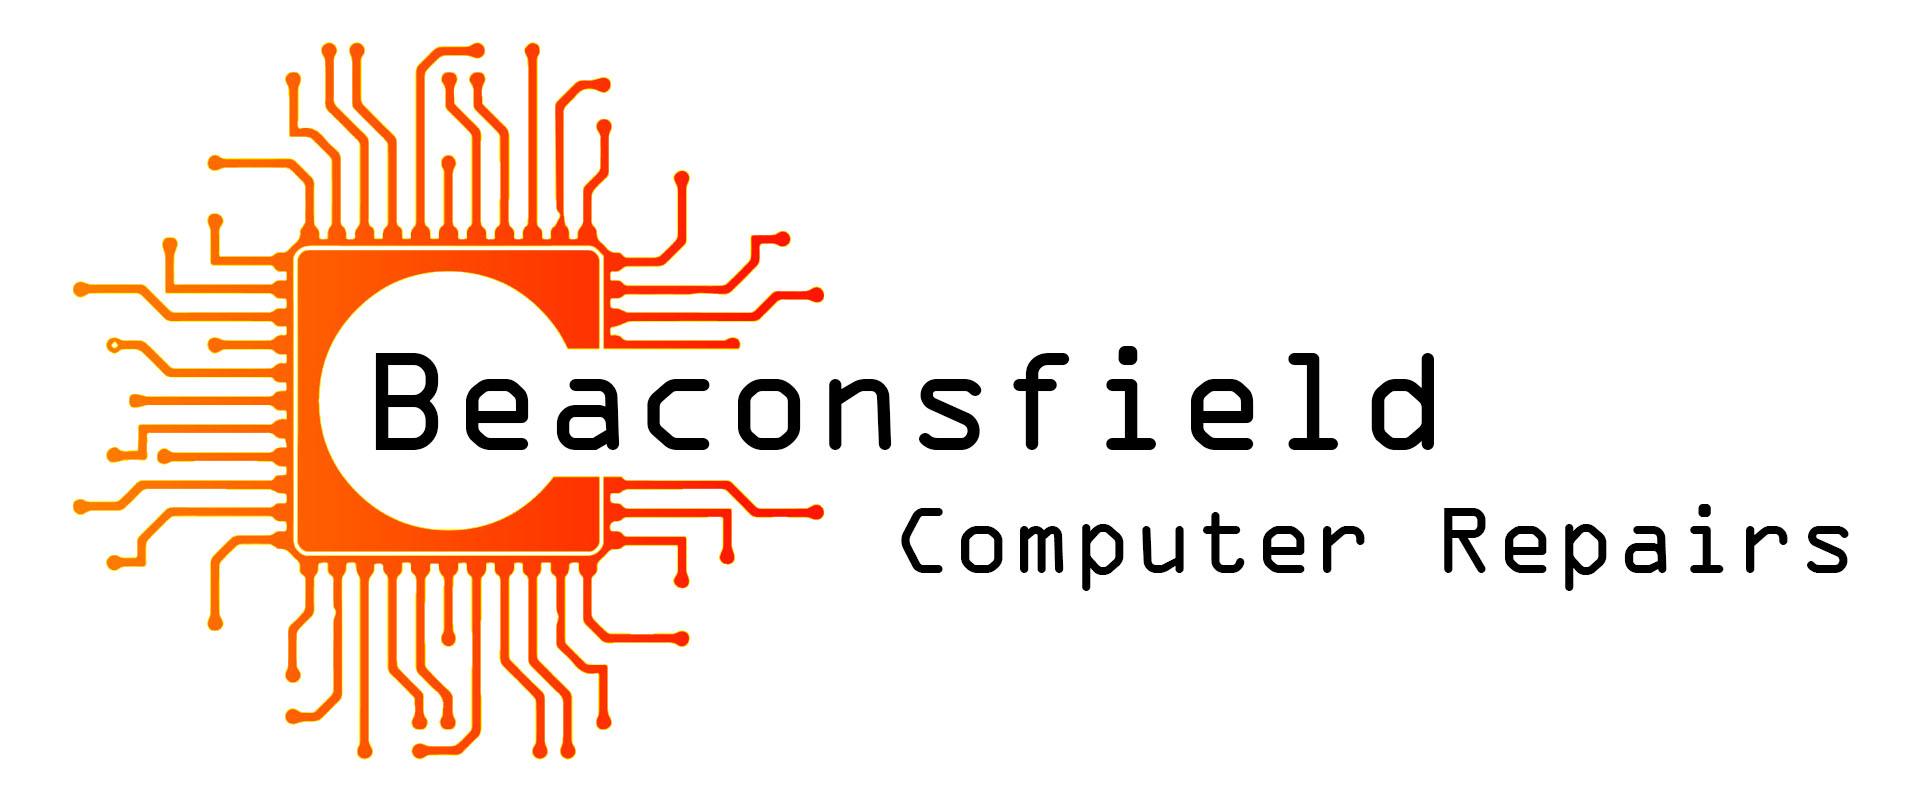 Beaconsfield Computer Repairs